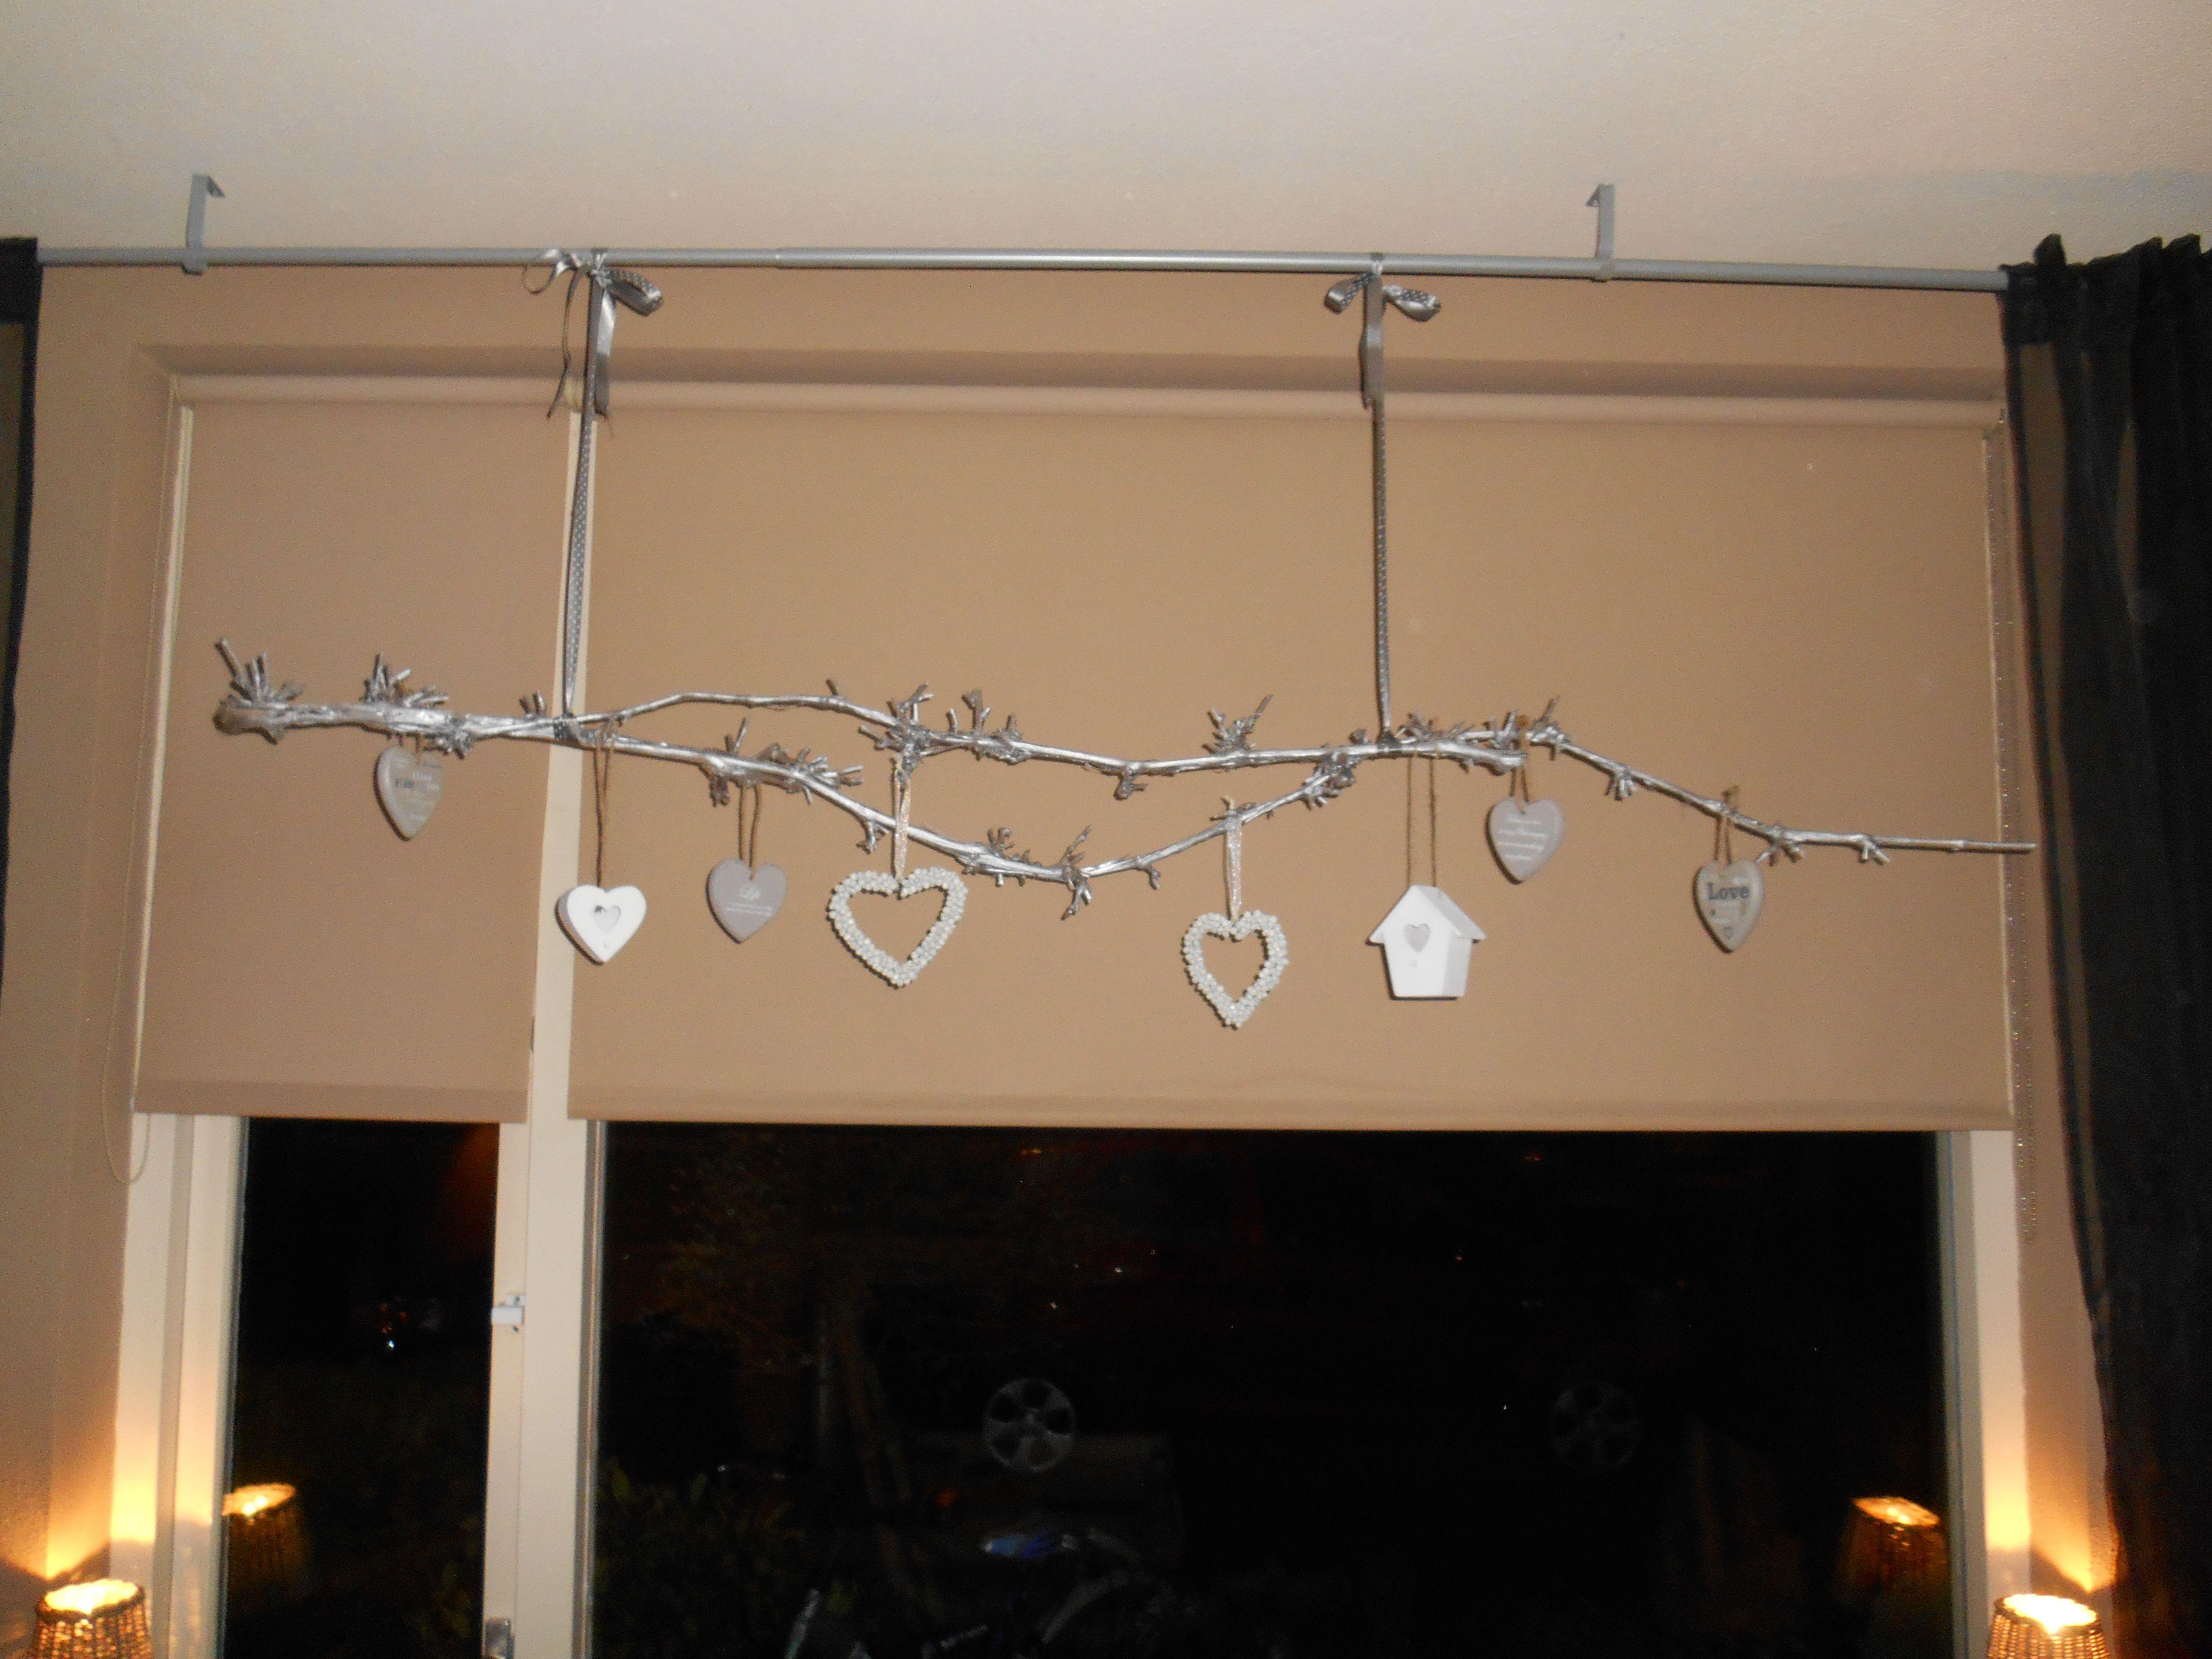 druiventak uit eigen tuin wordt decoratieve hanger met